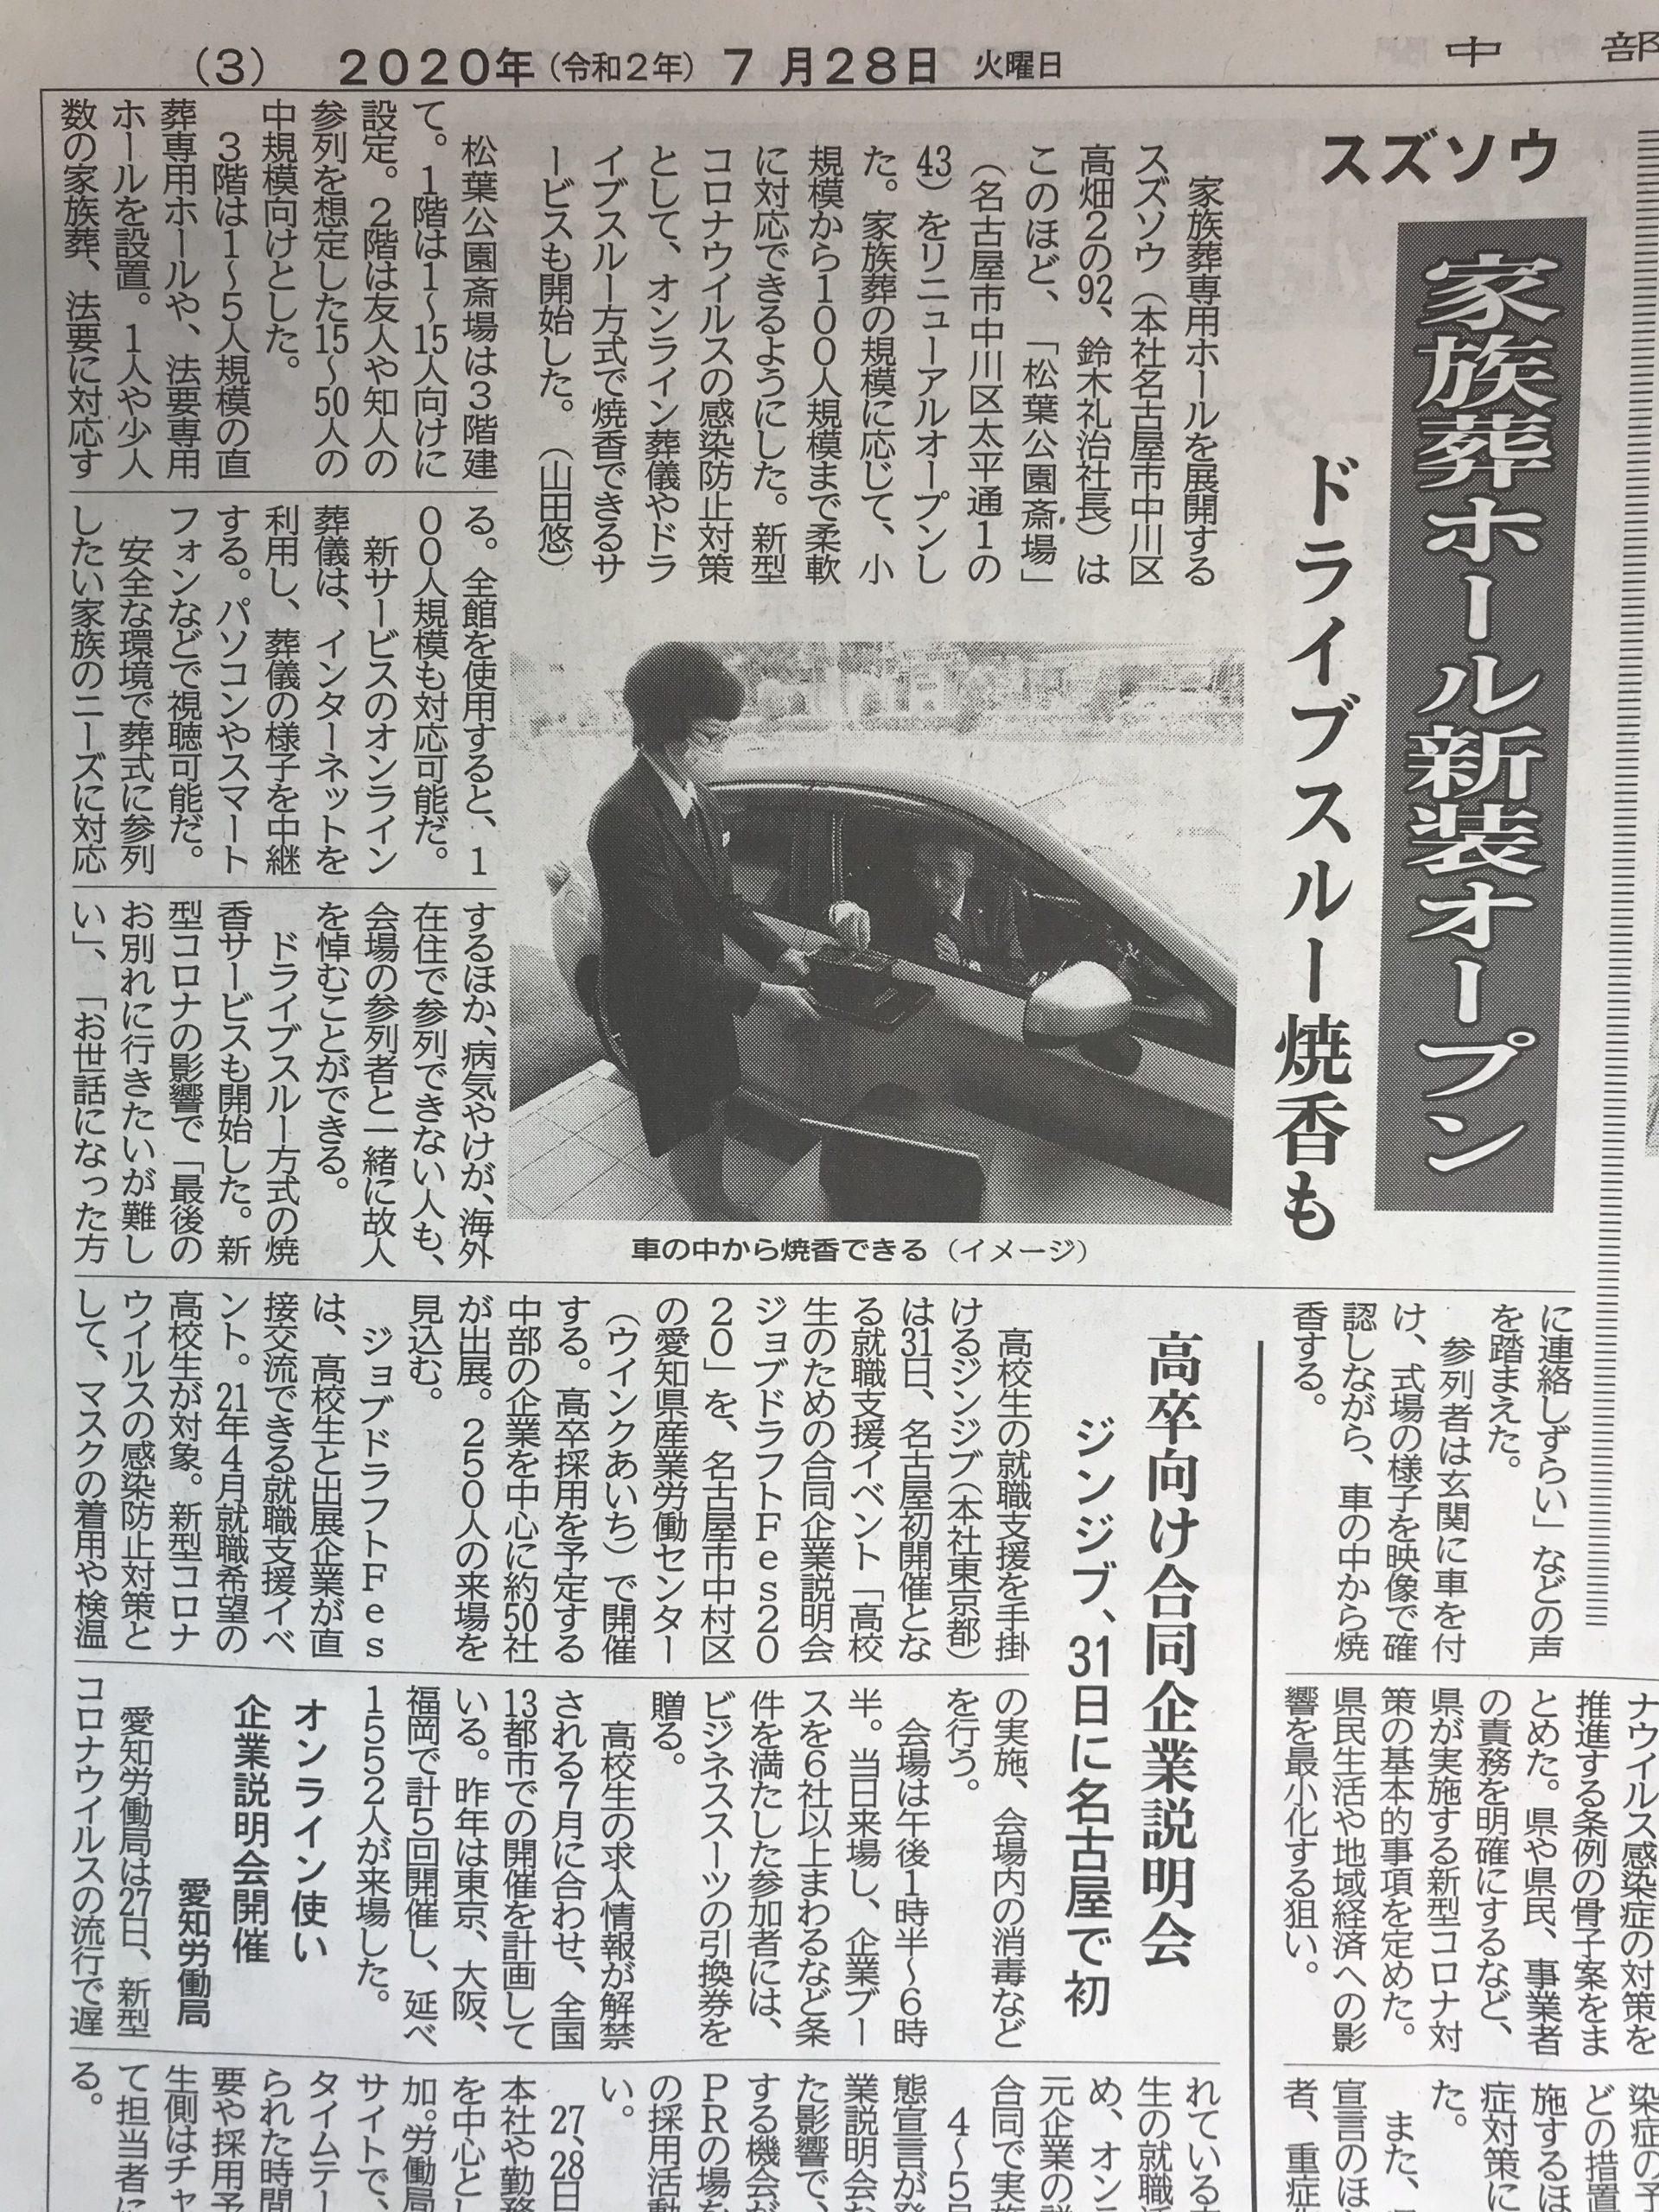 検査 スルー pcr 名古屋 ドライブ